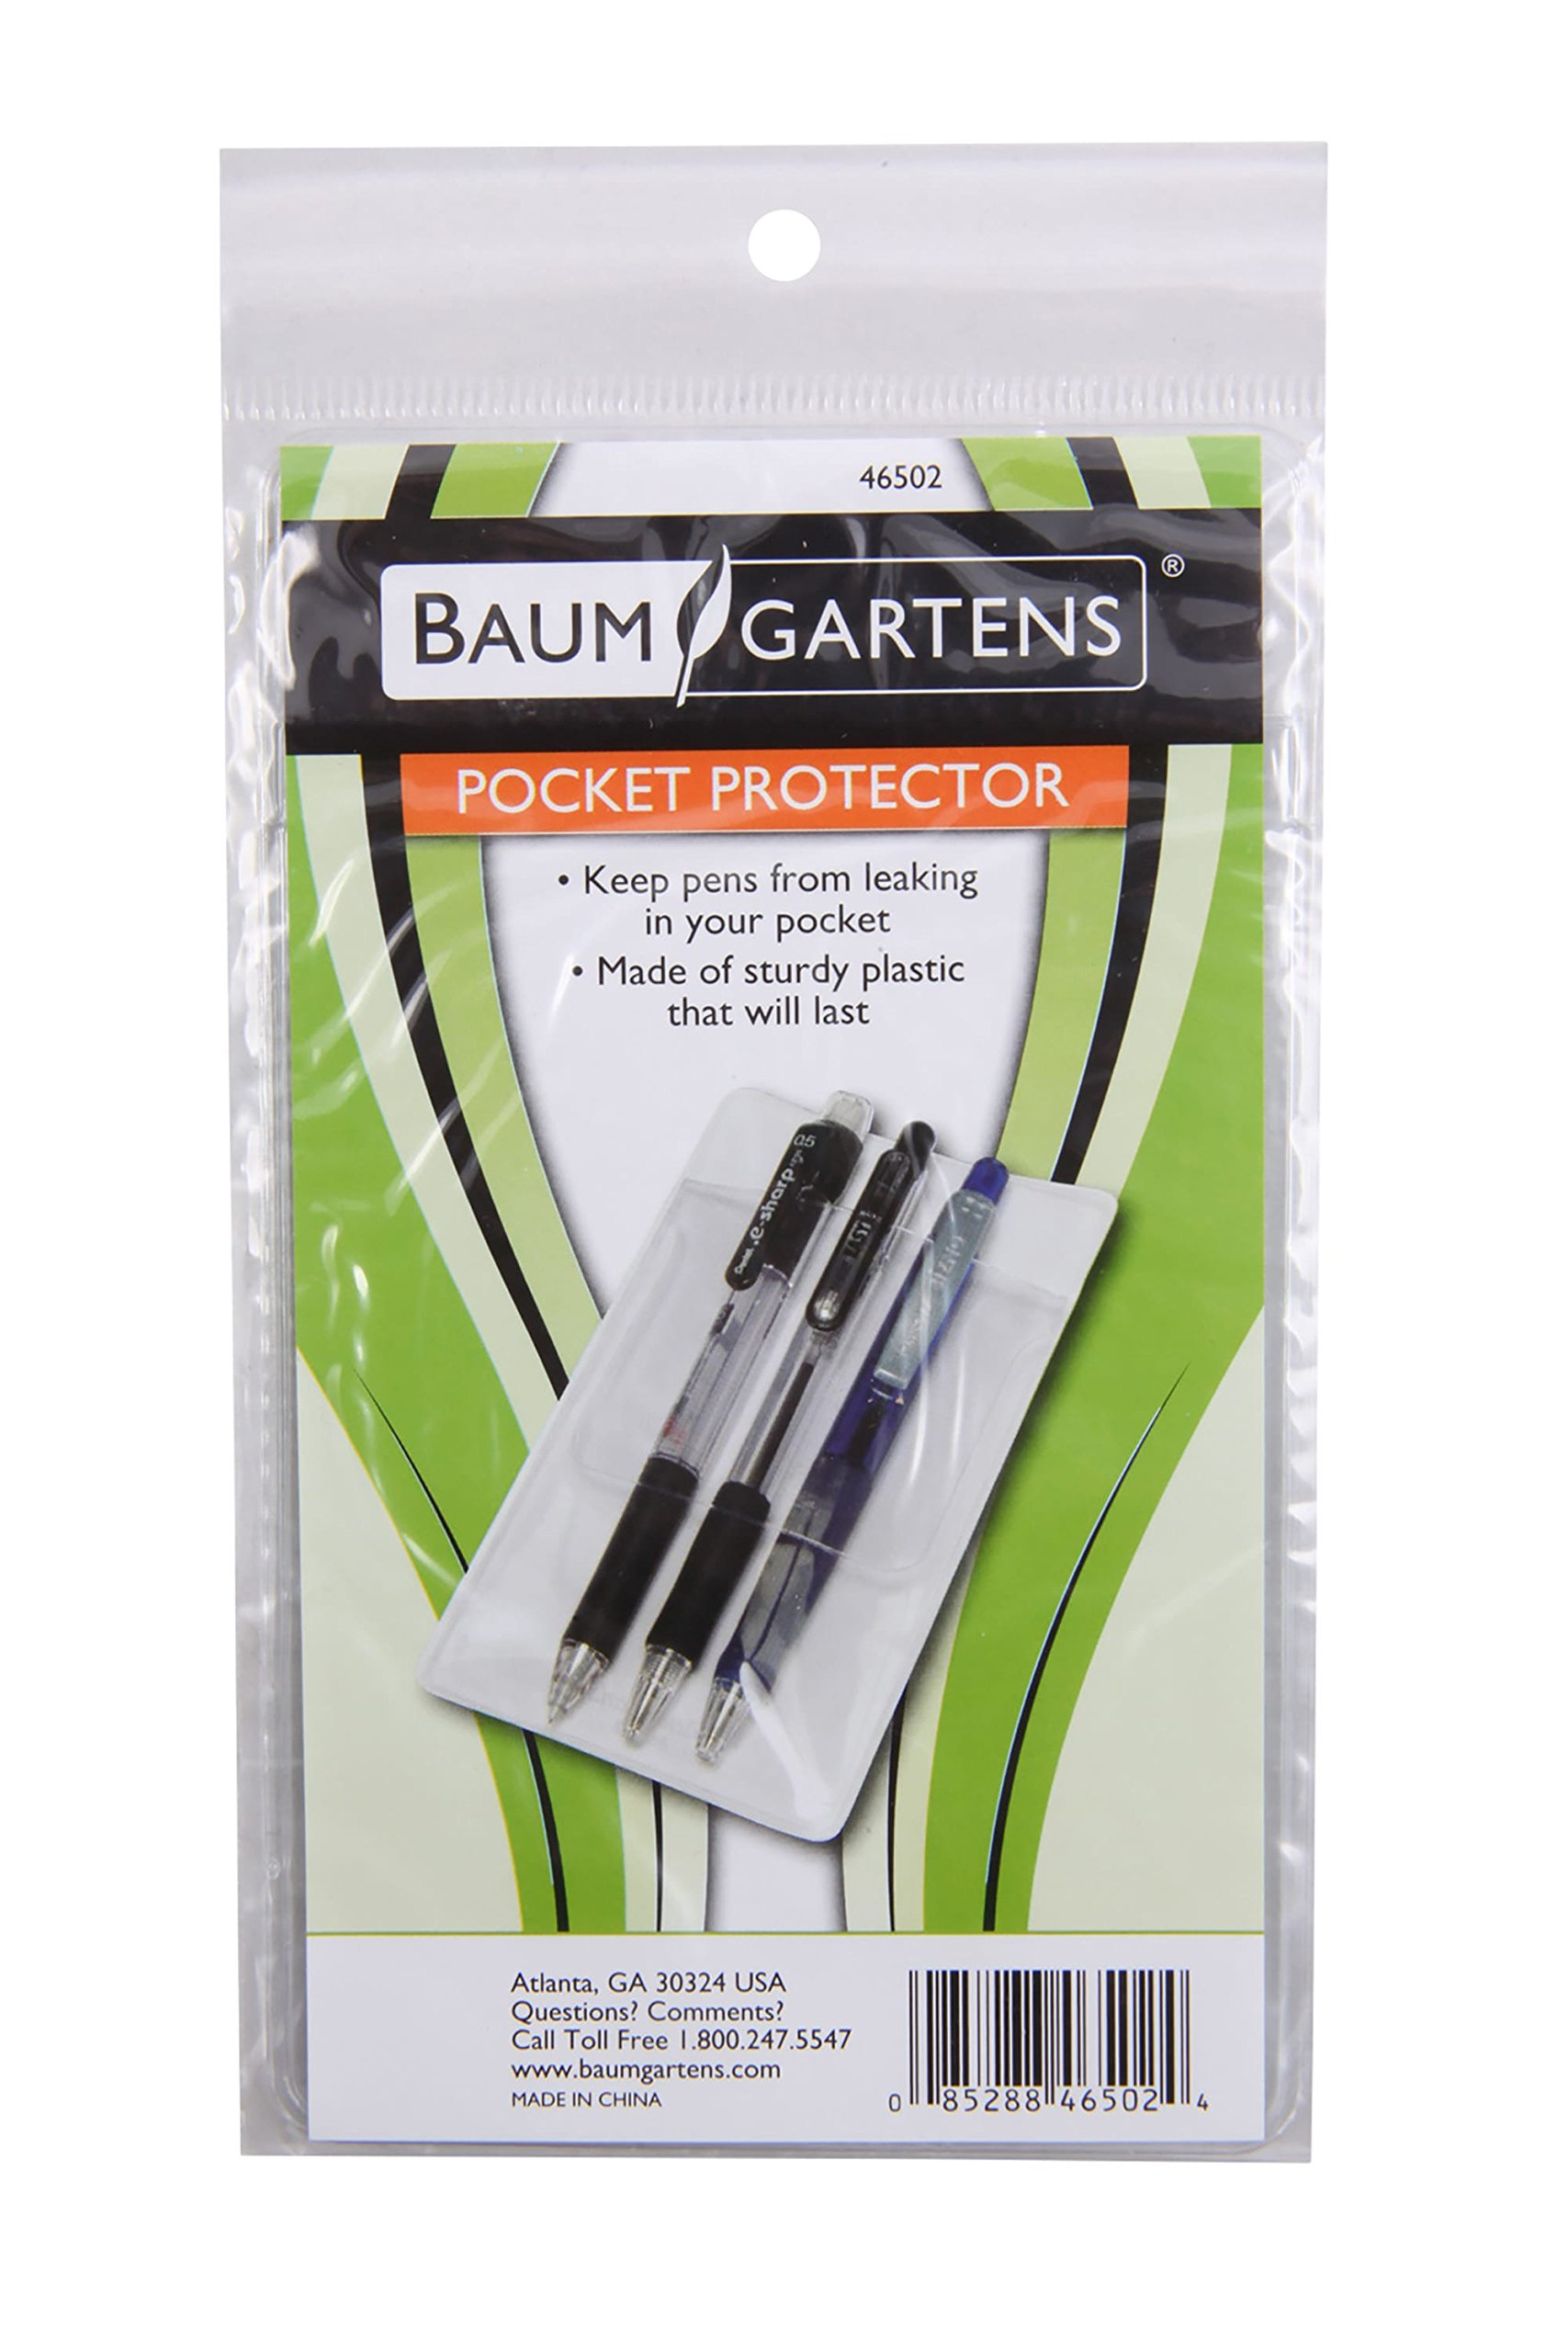 Baumgartens Pocket Protectors Clear (Pack of 48) (46502) by Baumgartens (Image #3)